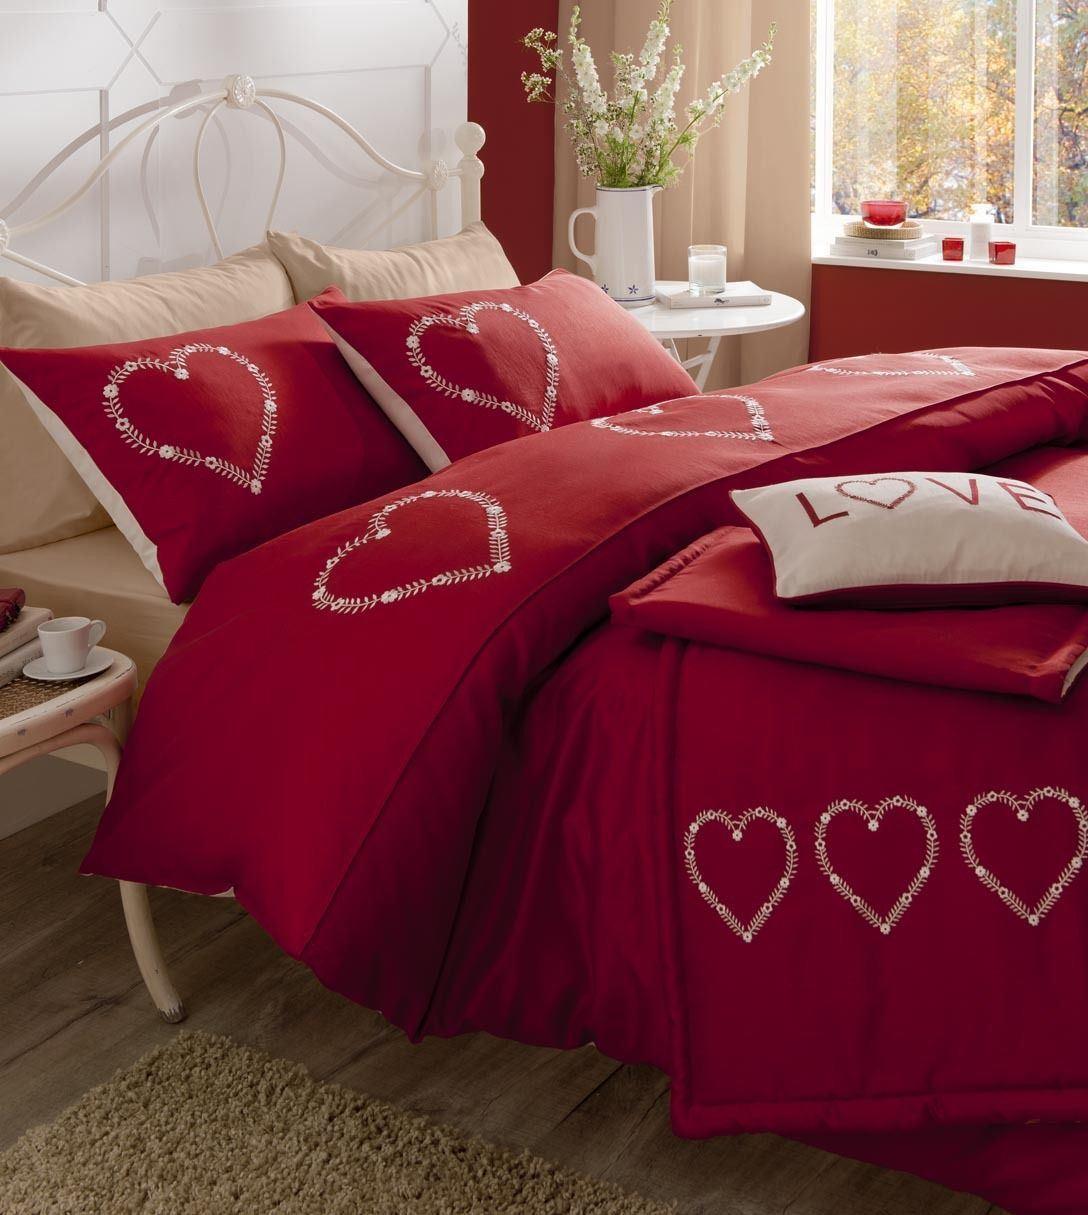 neuf literie couette housse de couette c ur amour rouge. Black Bedroom Furniture Sets. Home Design Ideas